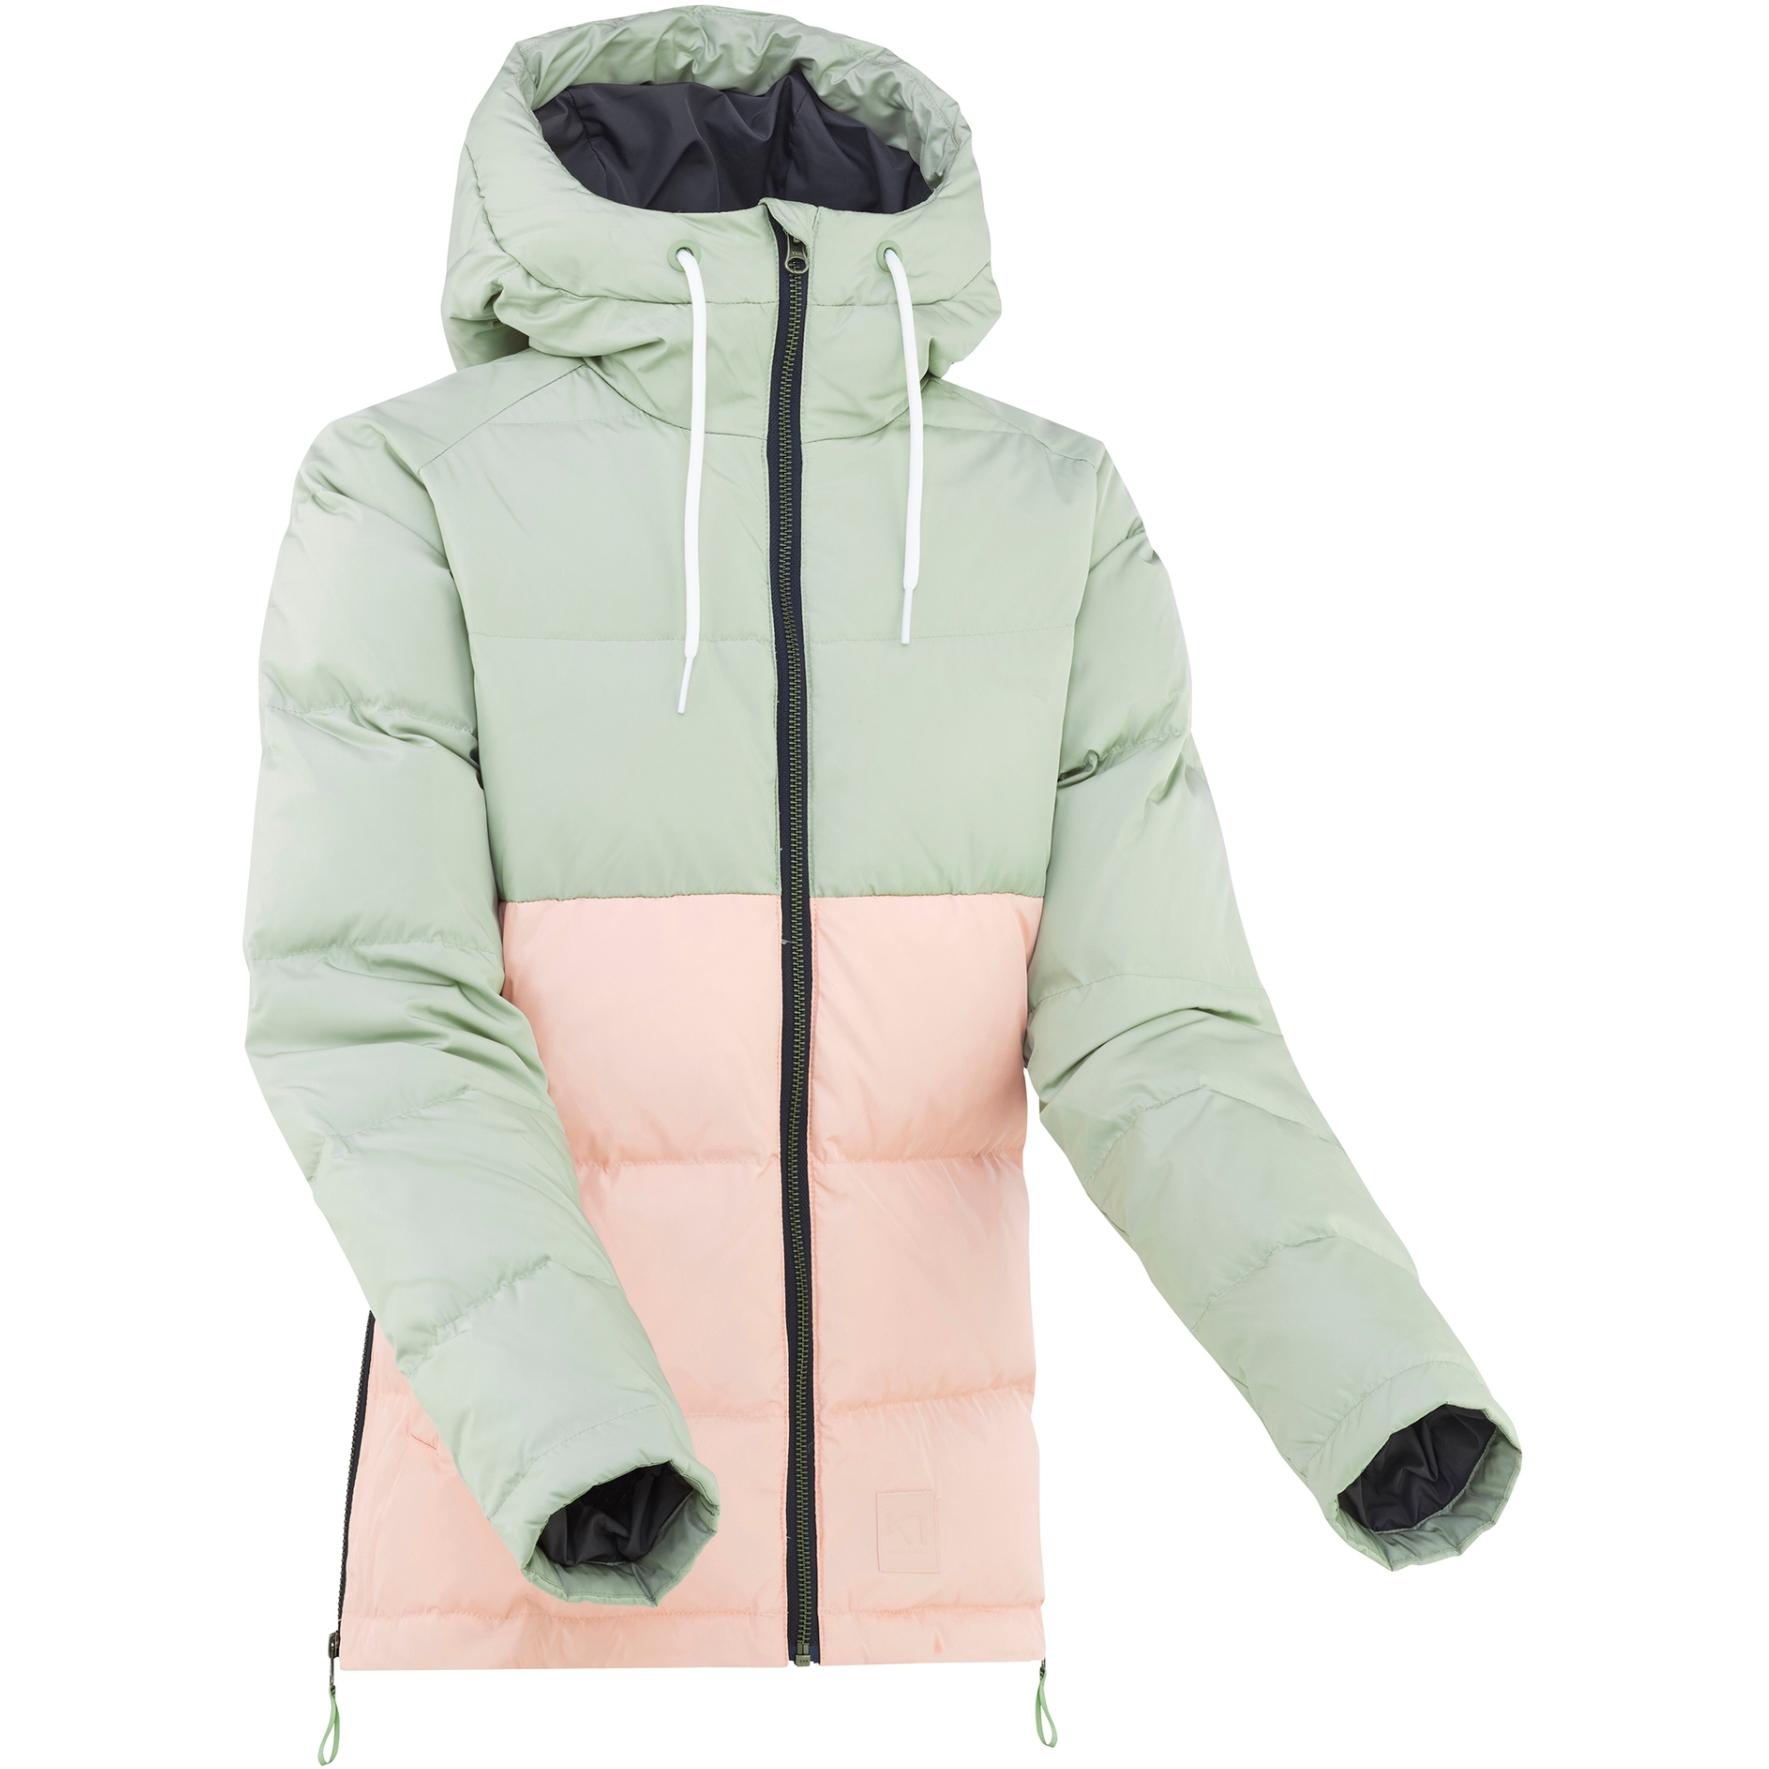 Kari Traa Astrid Women's Down Jacket - Slate